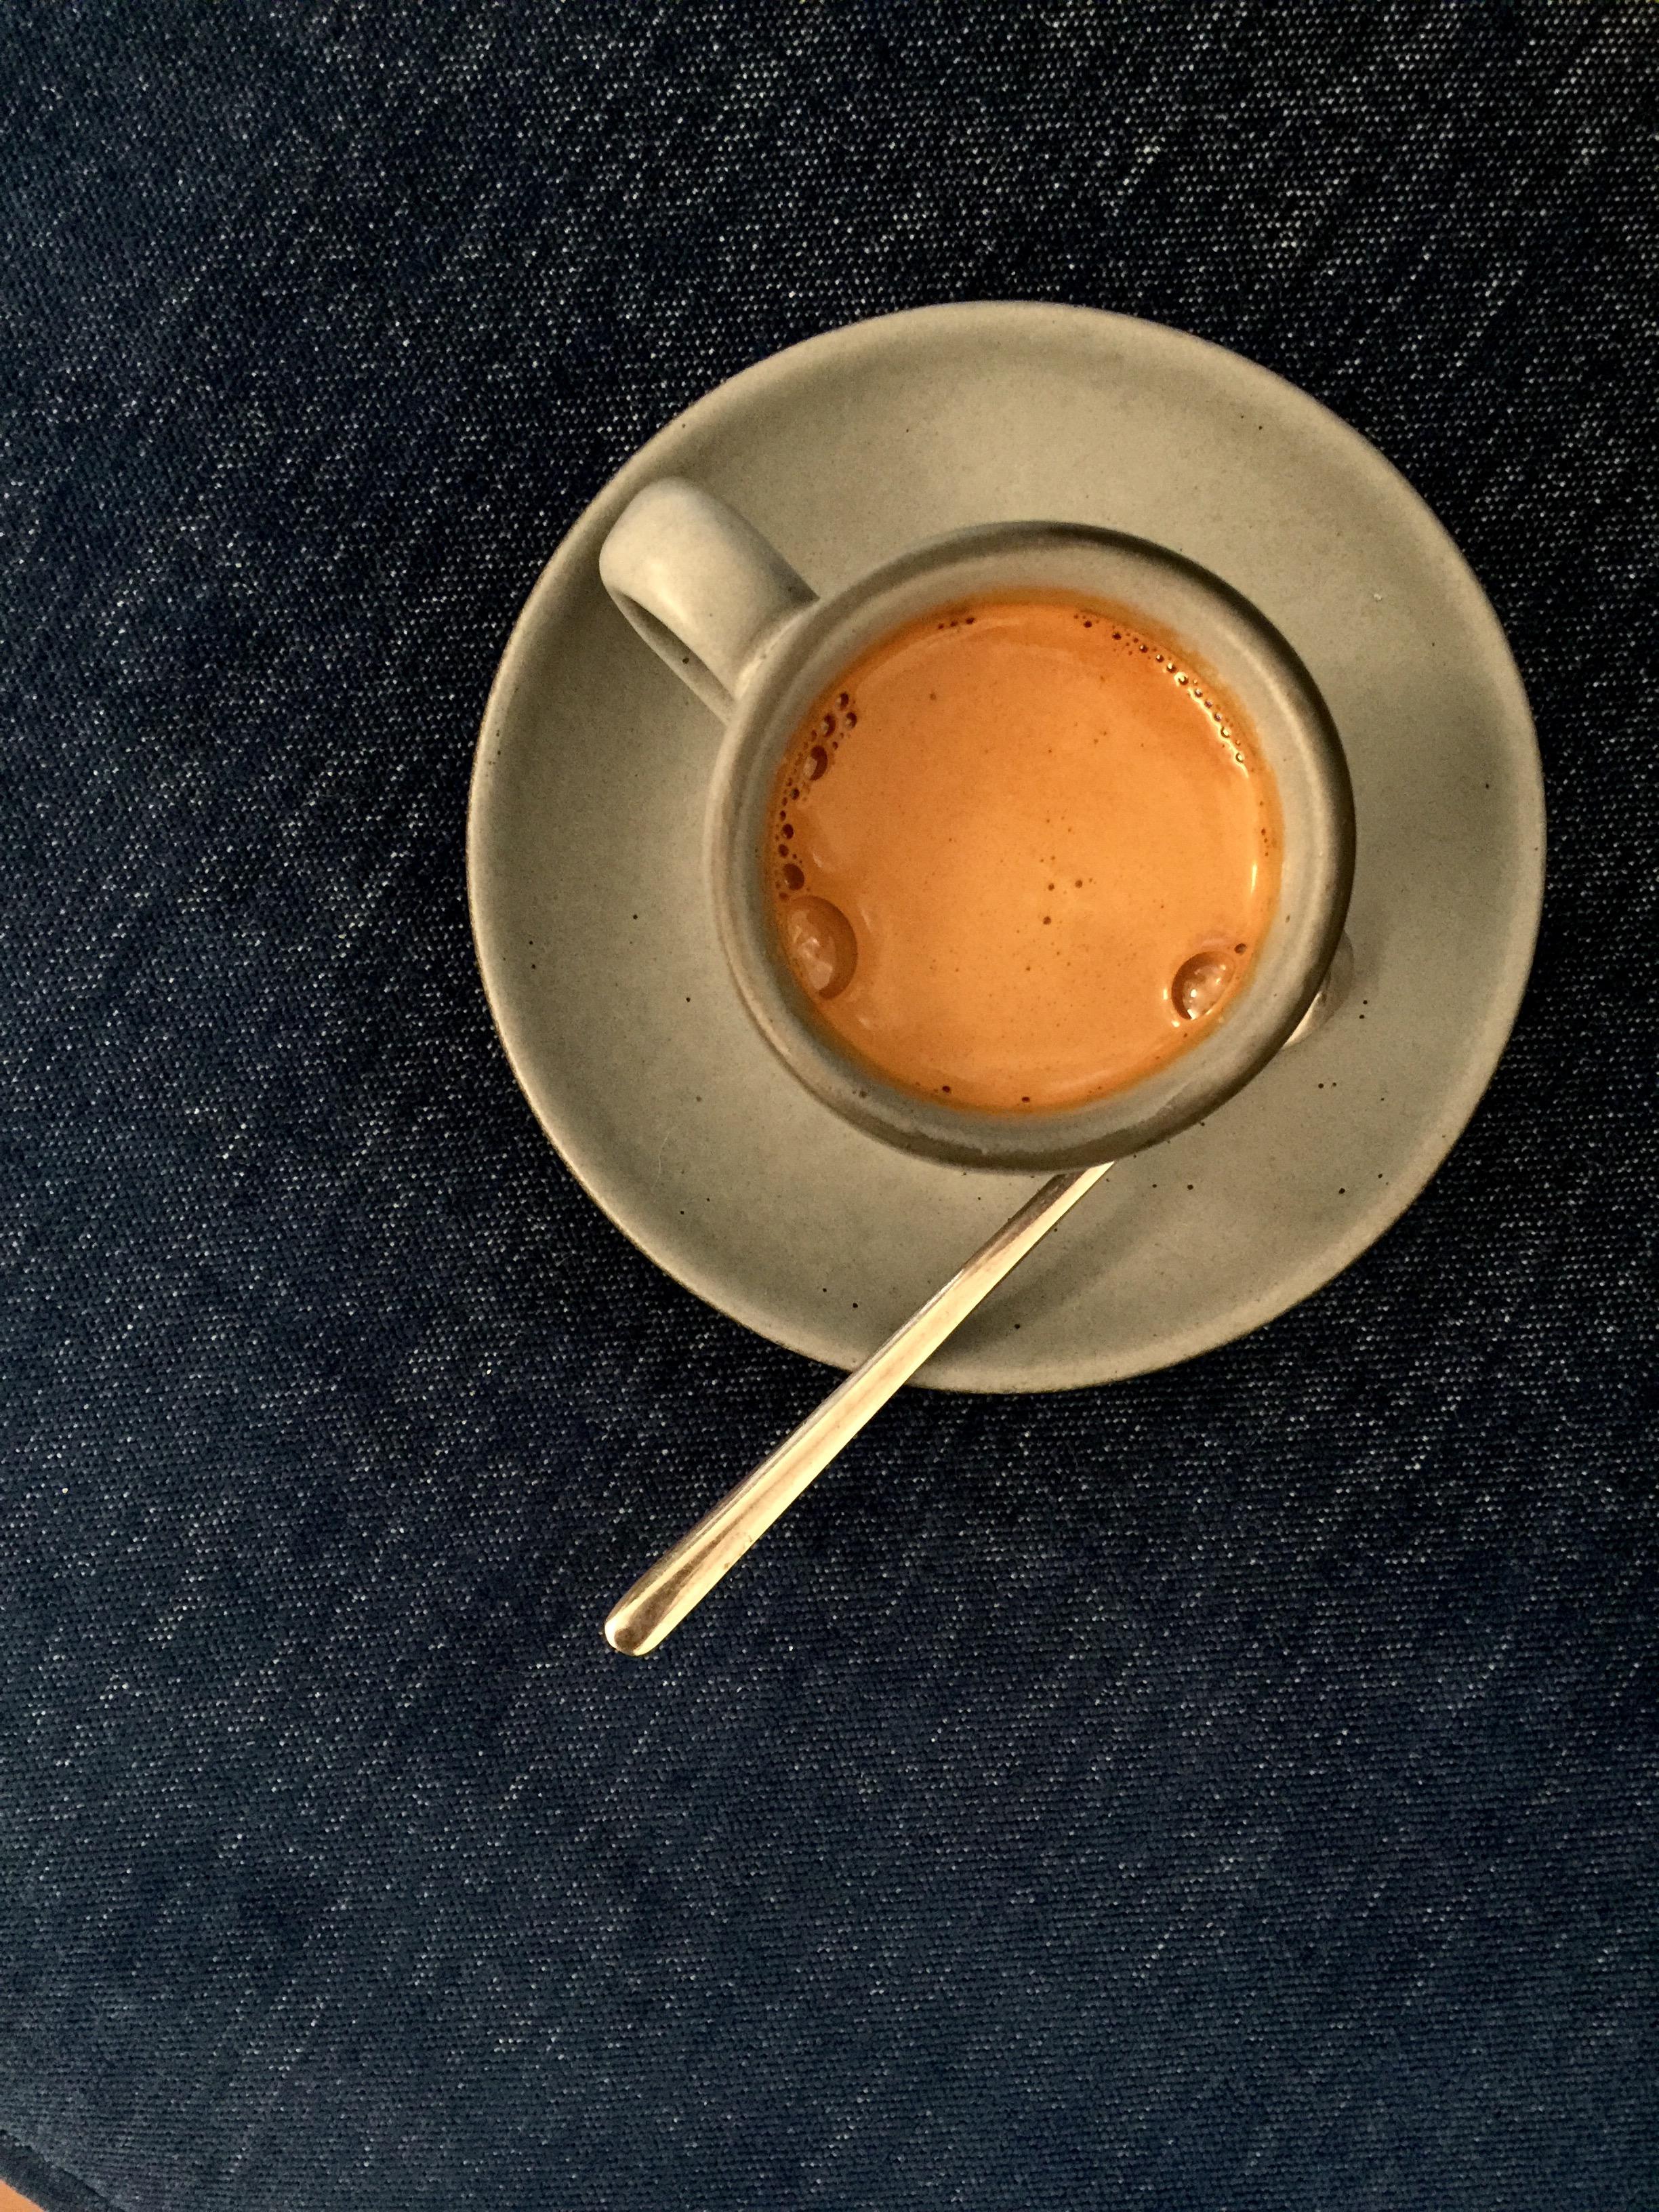 Cafe Integral  serves delicious espresso in the prettiest ceramic cup